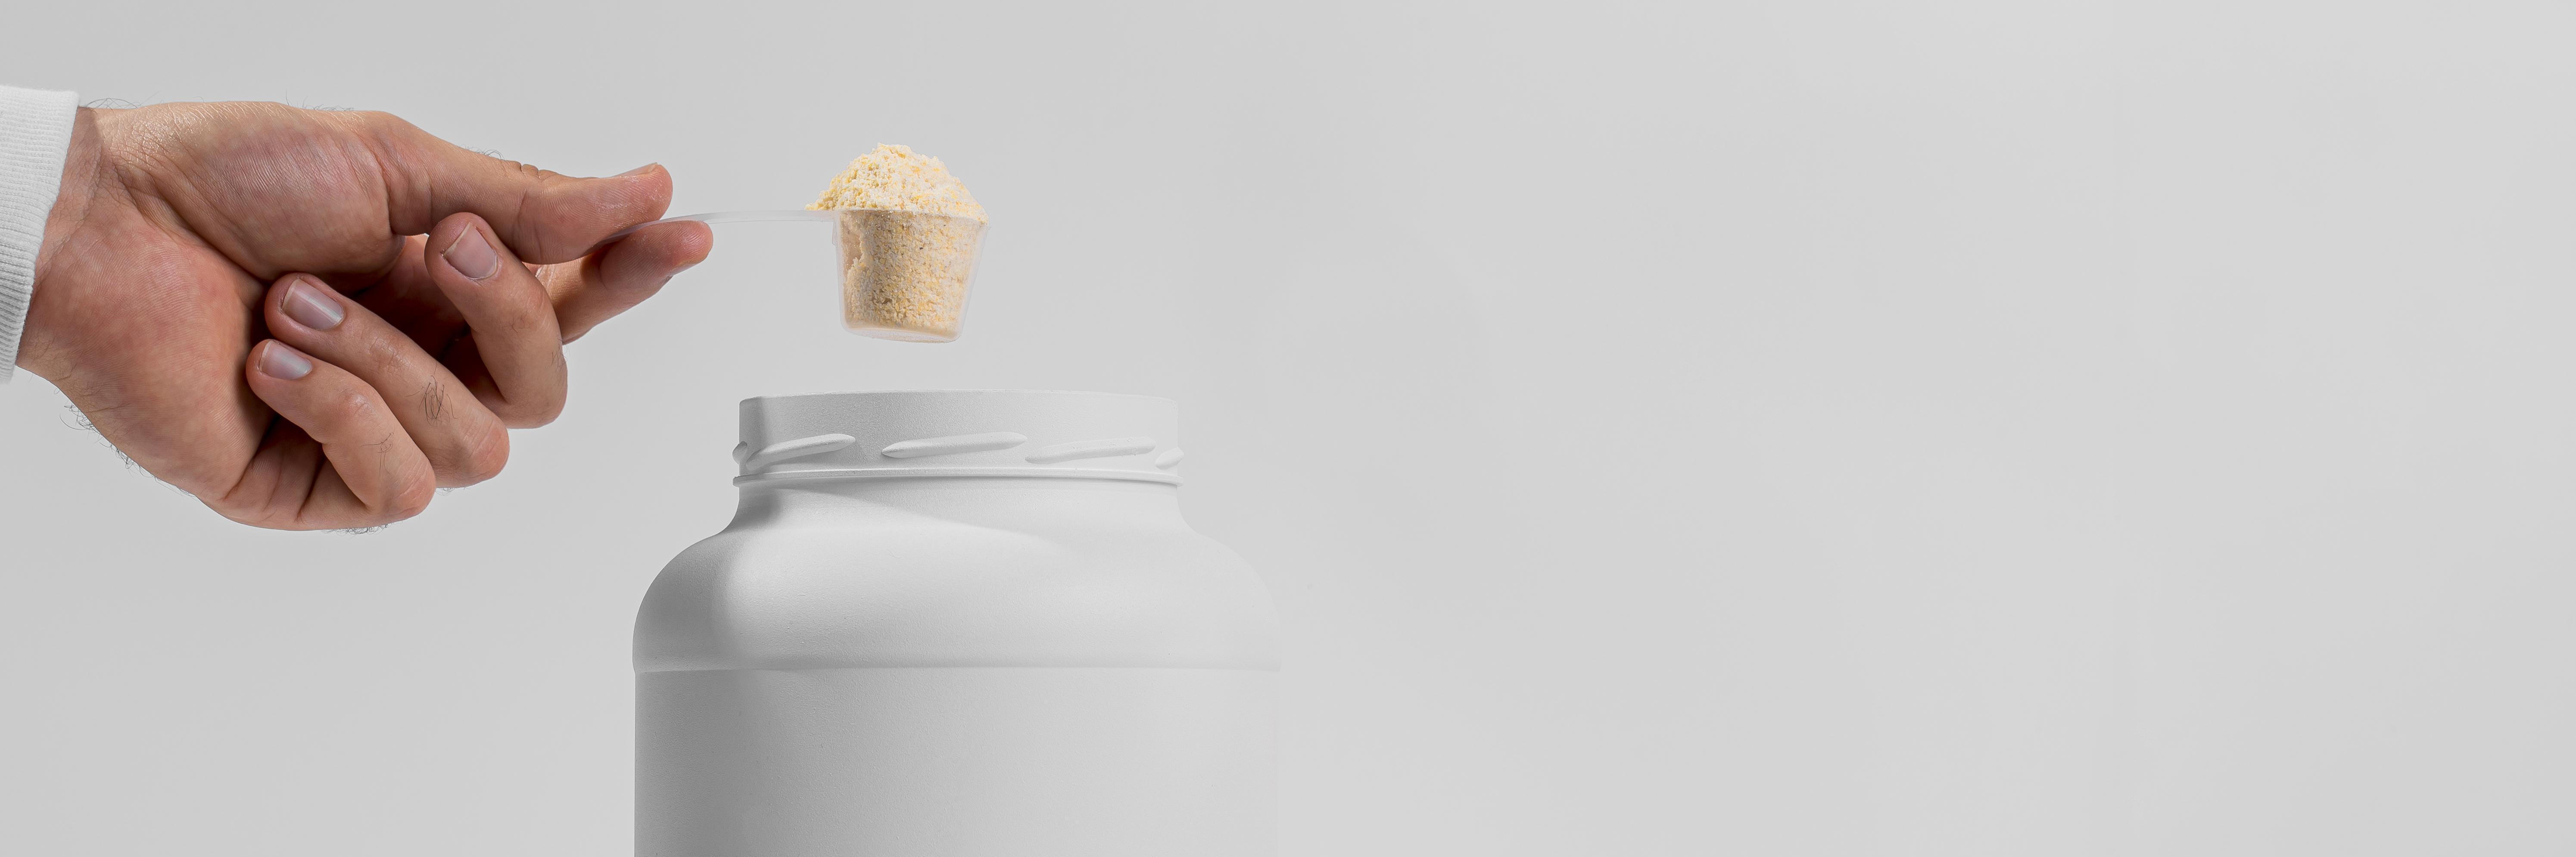 Proteinpulver in weißem Kontainer